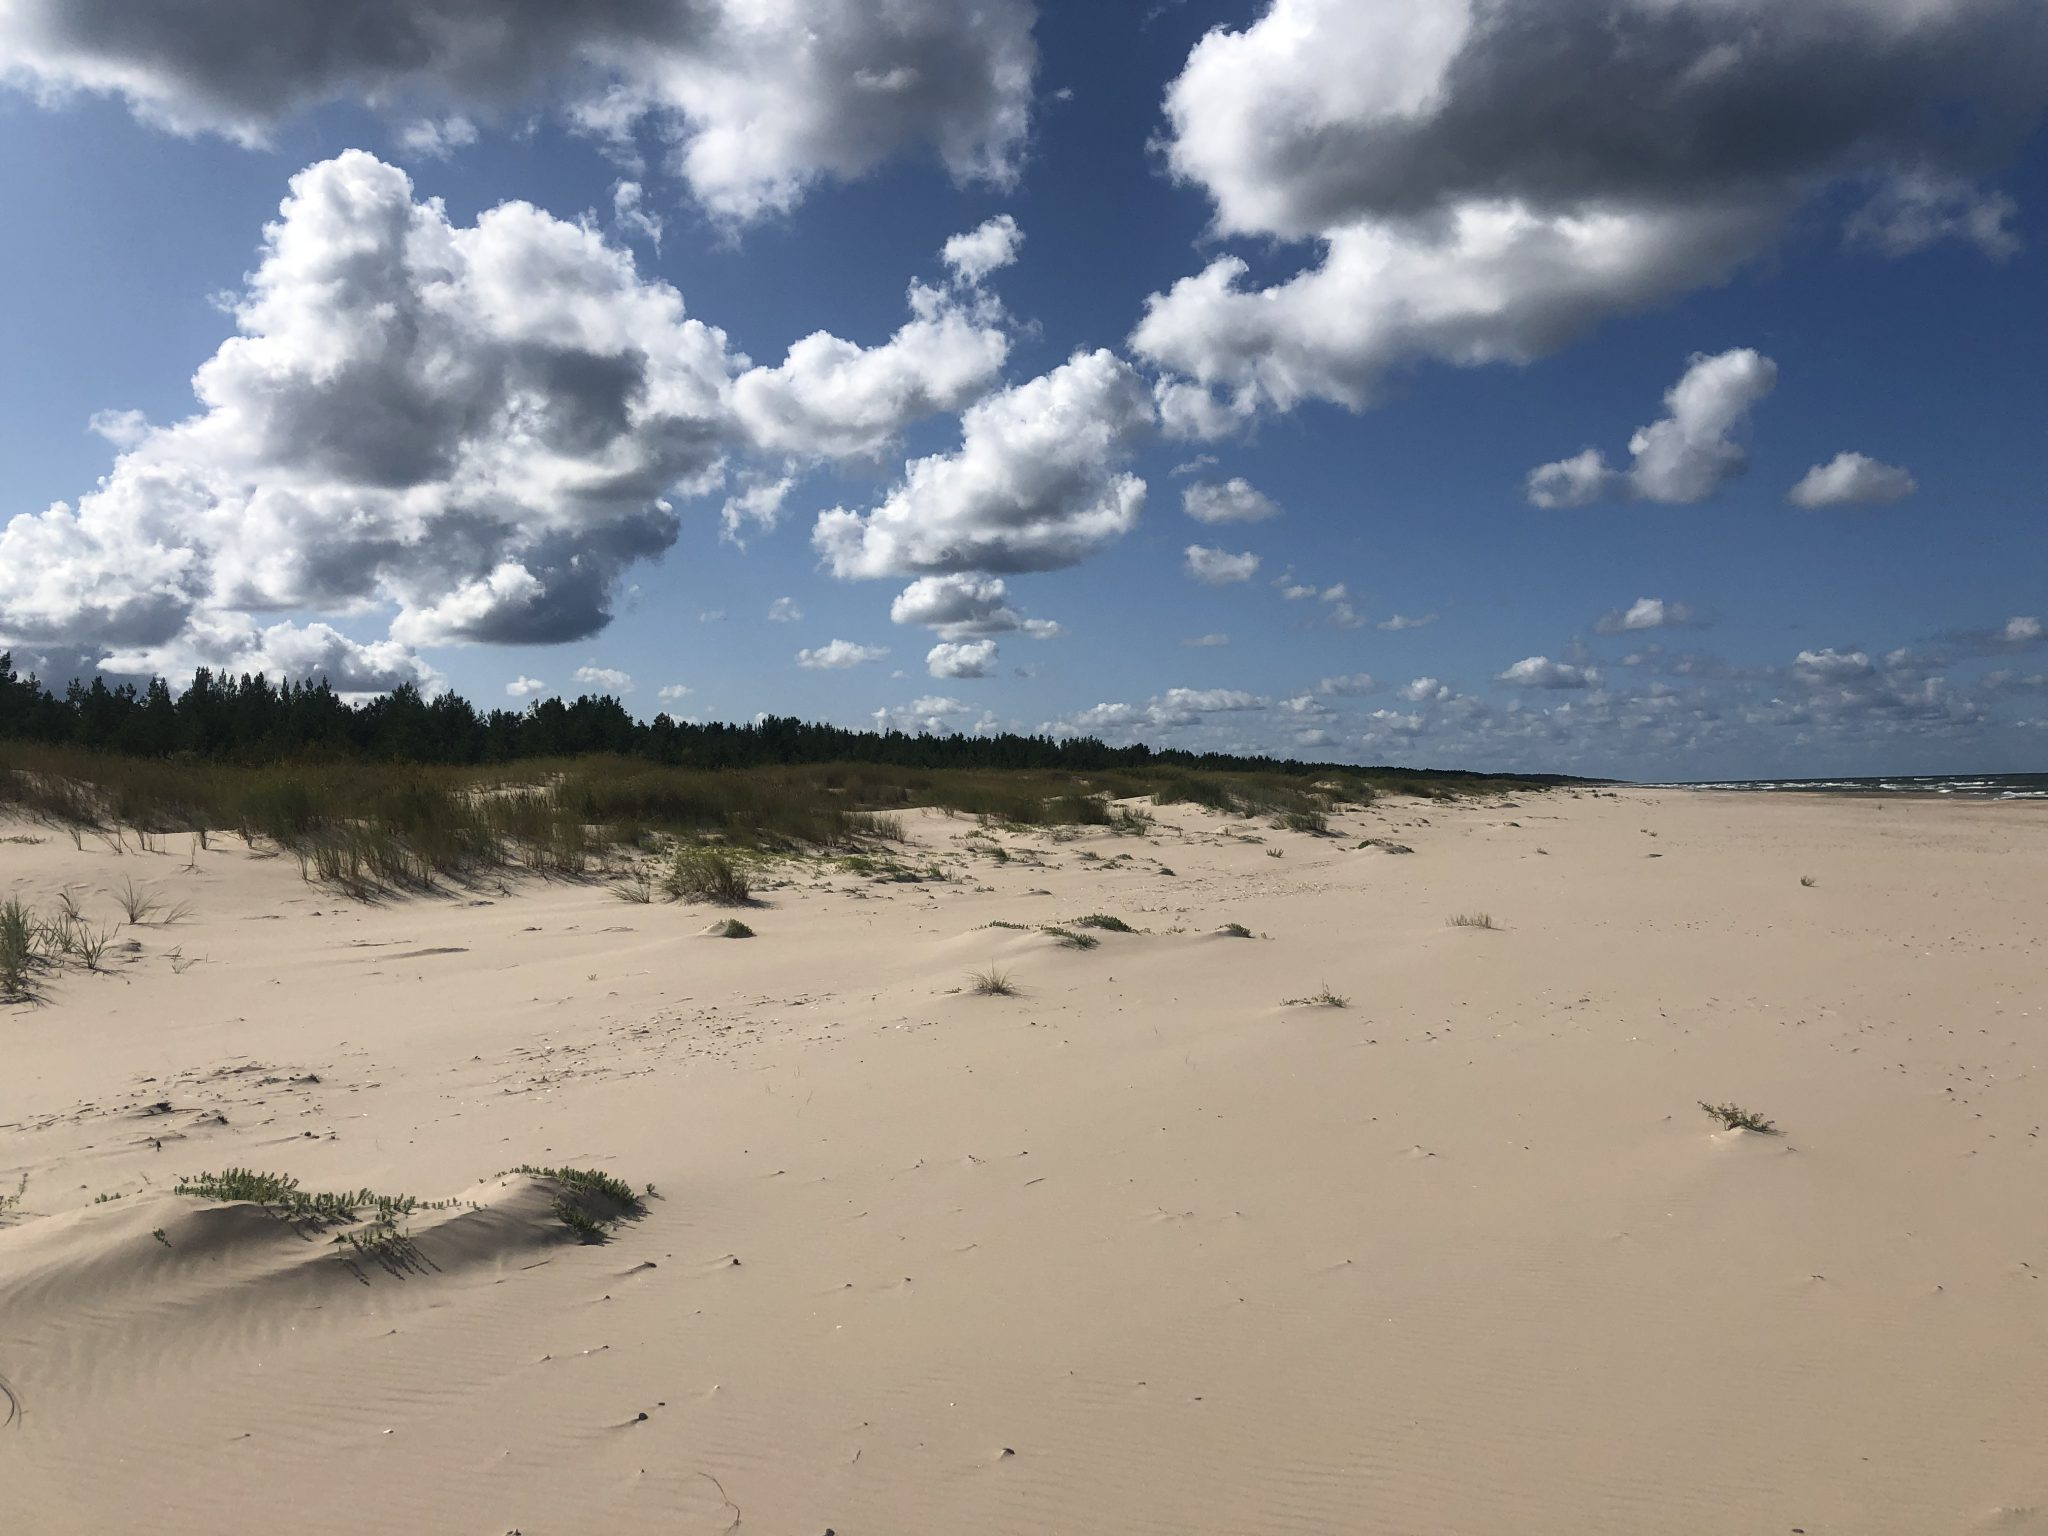 Sandstrand und Dünen mit Wolken am blauen Himmel in Lettland